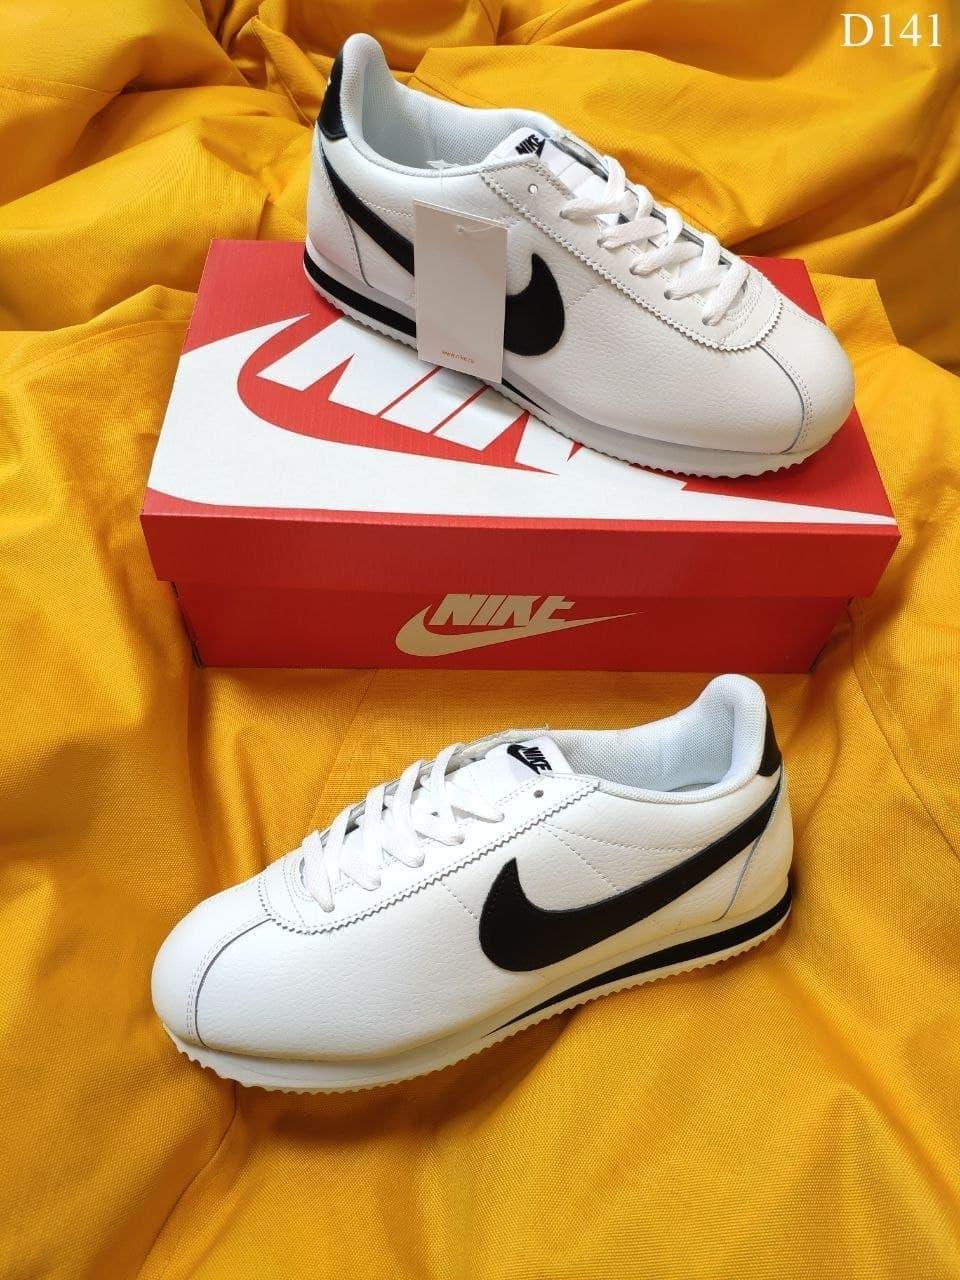 Чоловічі кросівки Nike Cortez Classic (біло-чорні) топові повсякденні кроси D141